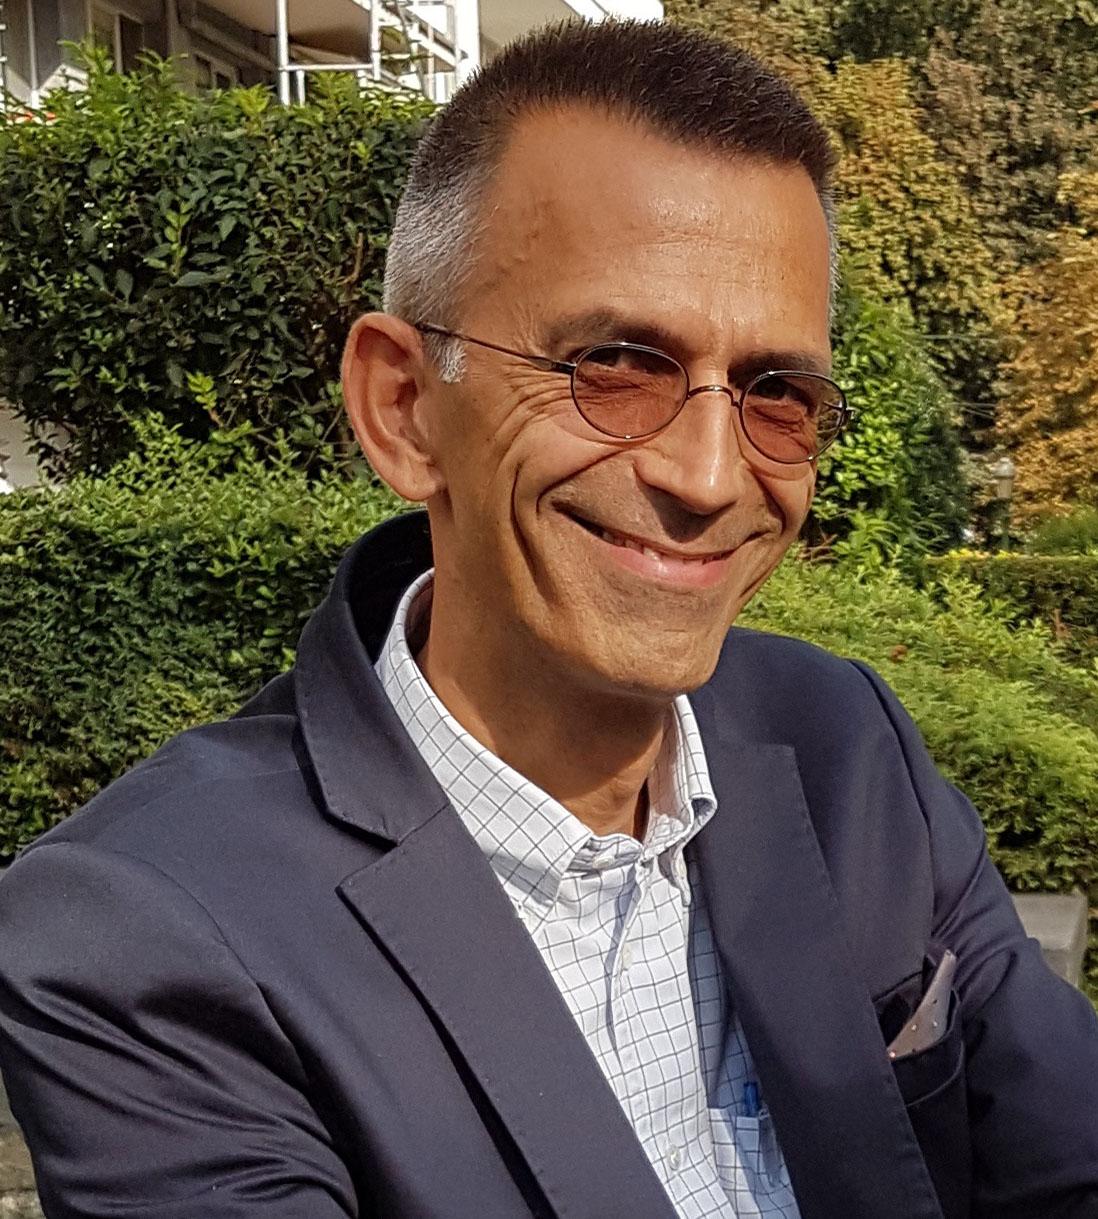 Olivier Beroudiaux - Q7 Leader